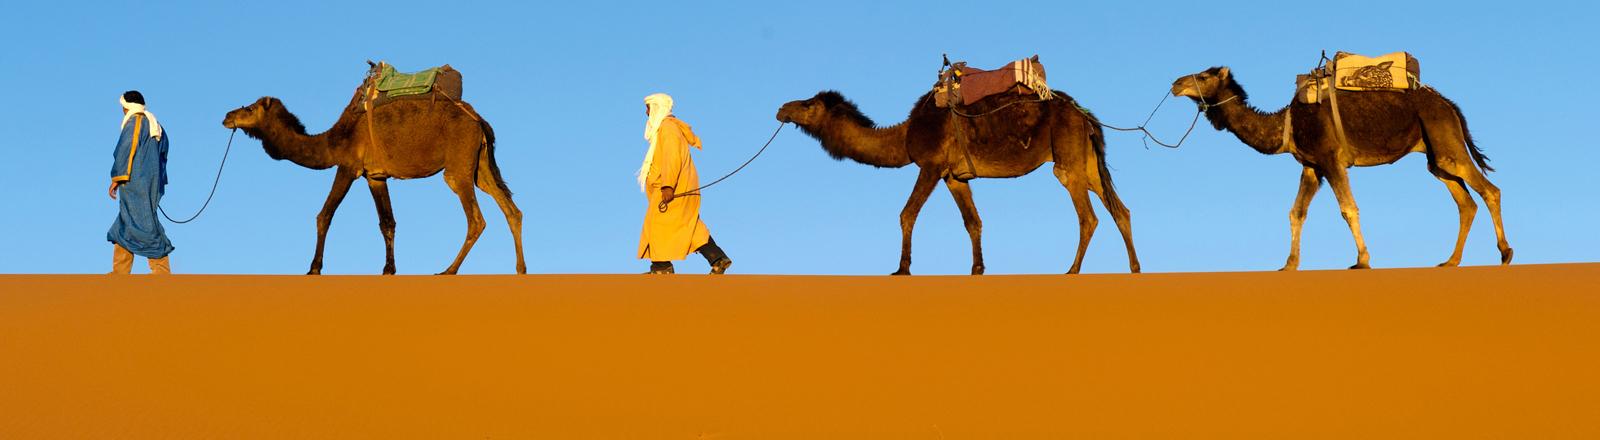 Kameltreiber vom Volk der Berber mit ihren Dromedaren in den Duenenvon Erg Chebbi bei Merzouga in Marokko.